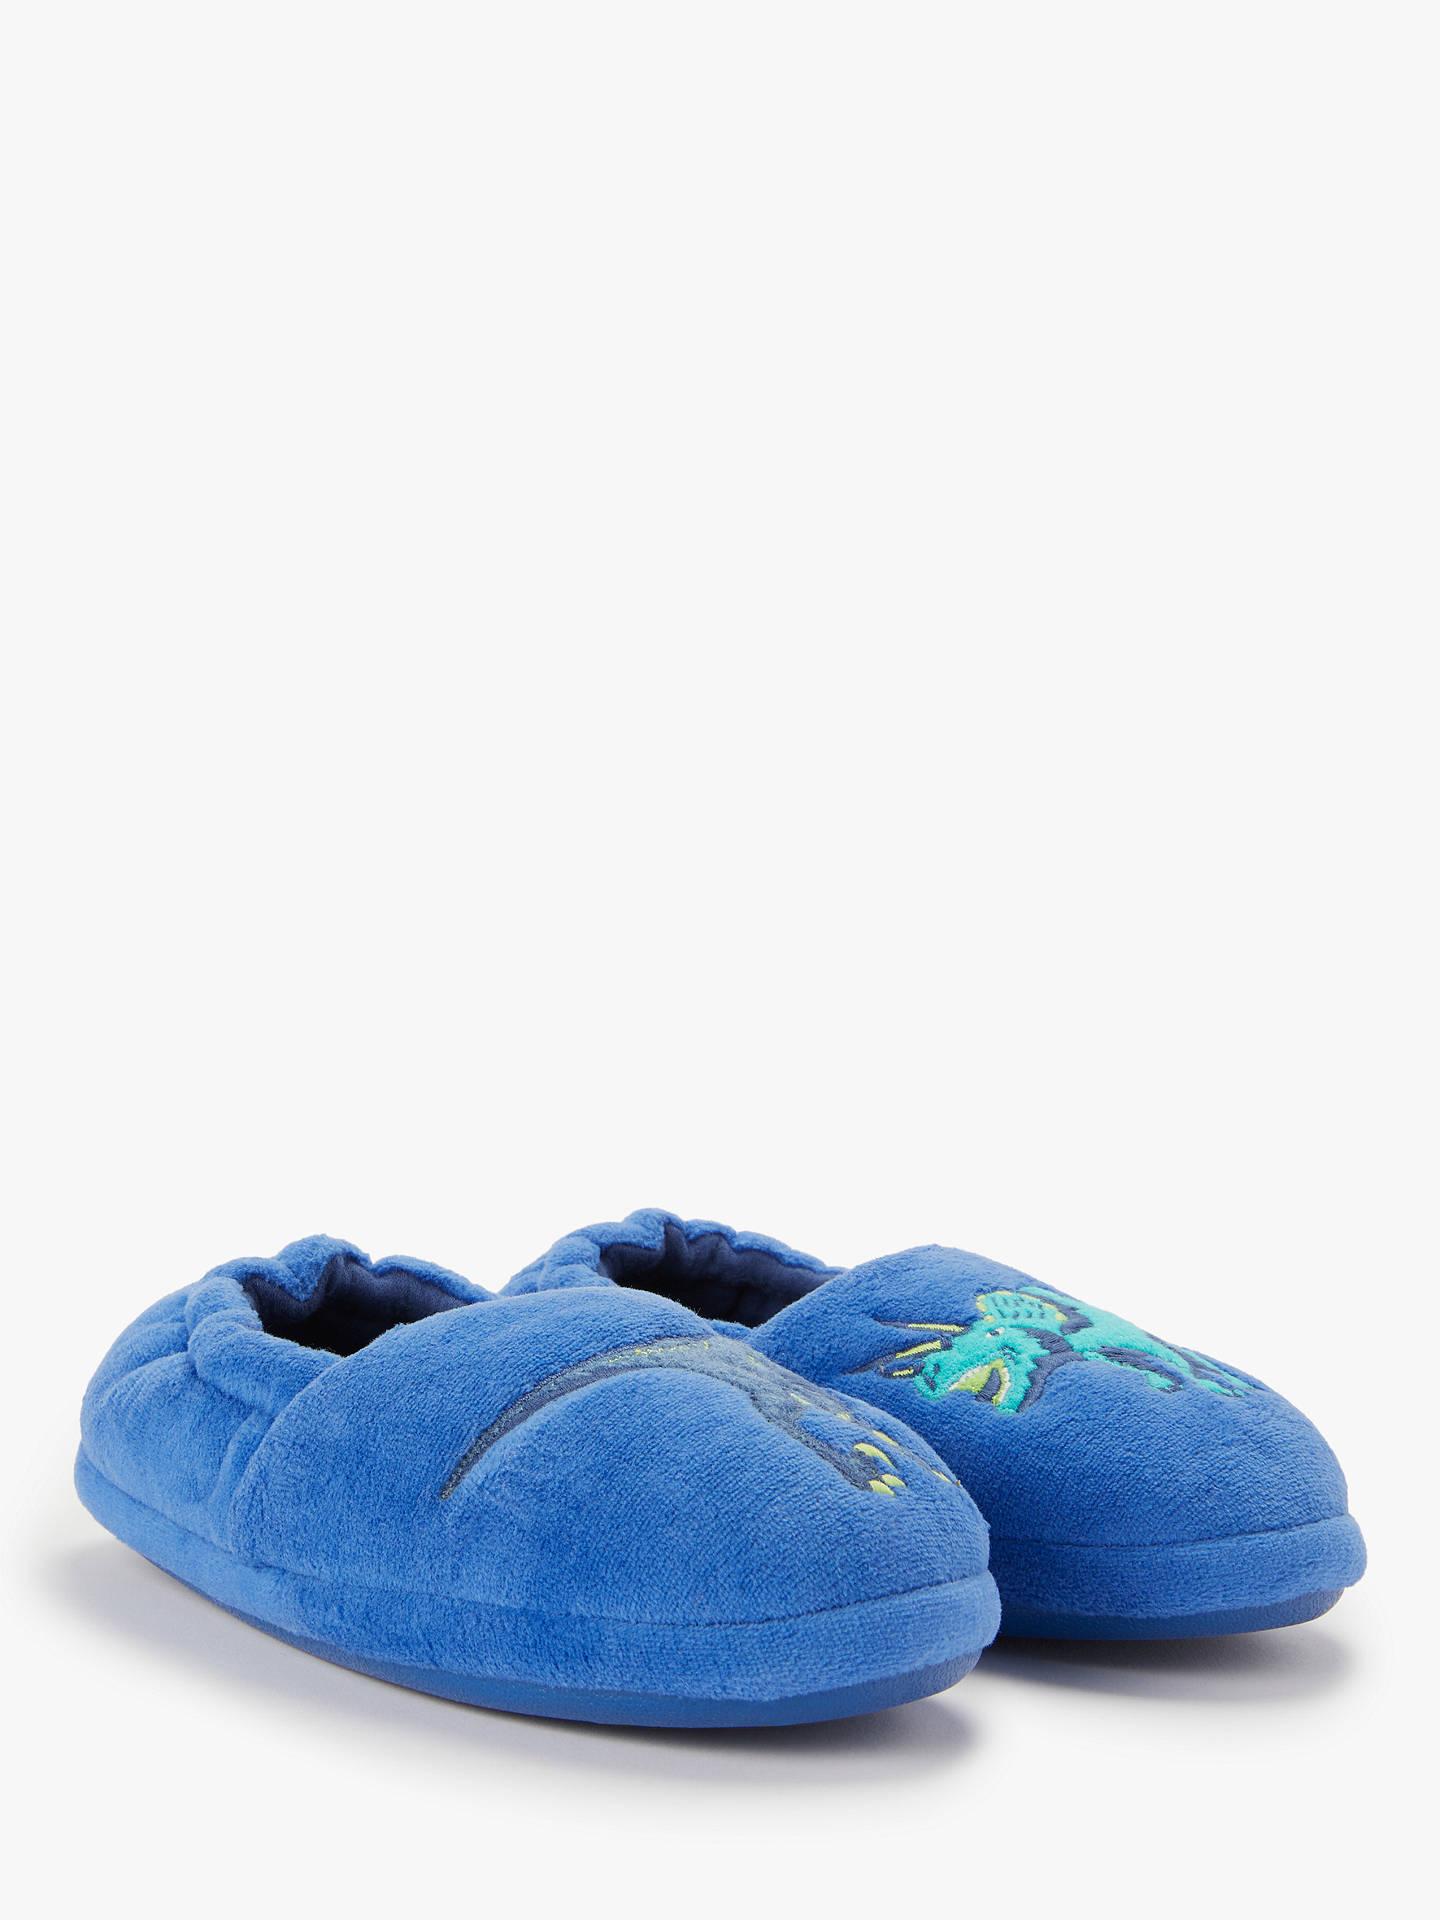 8e5b654a4f1 ... Buy John Lewis   Partners Children s Dinosaur Slippers